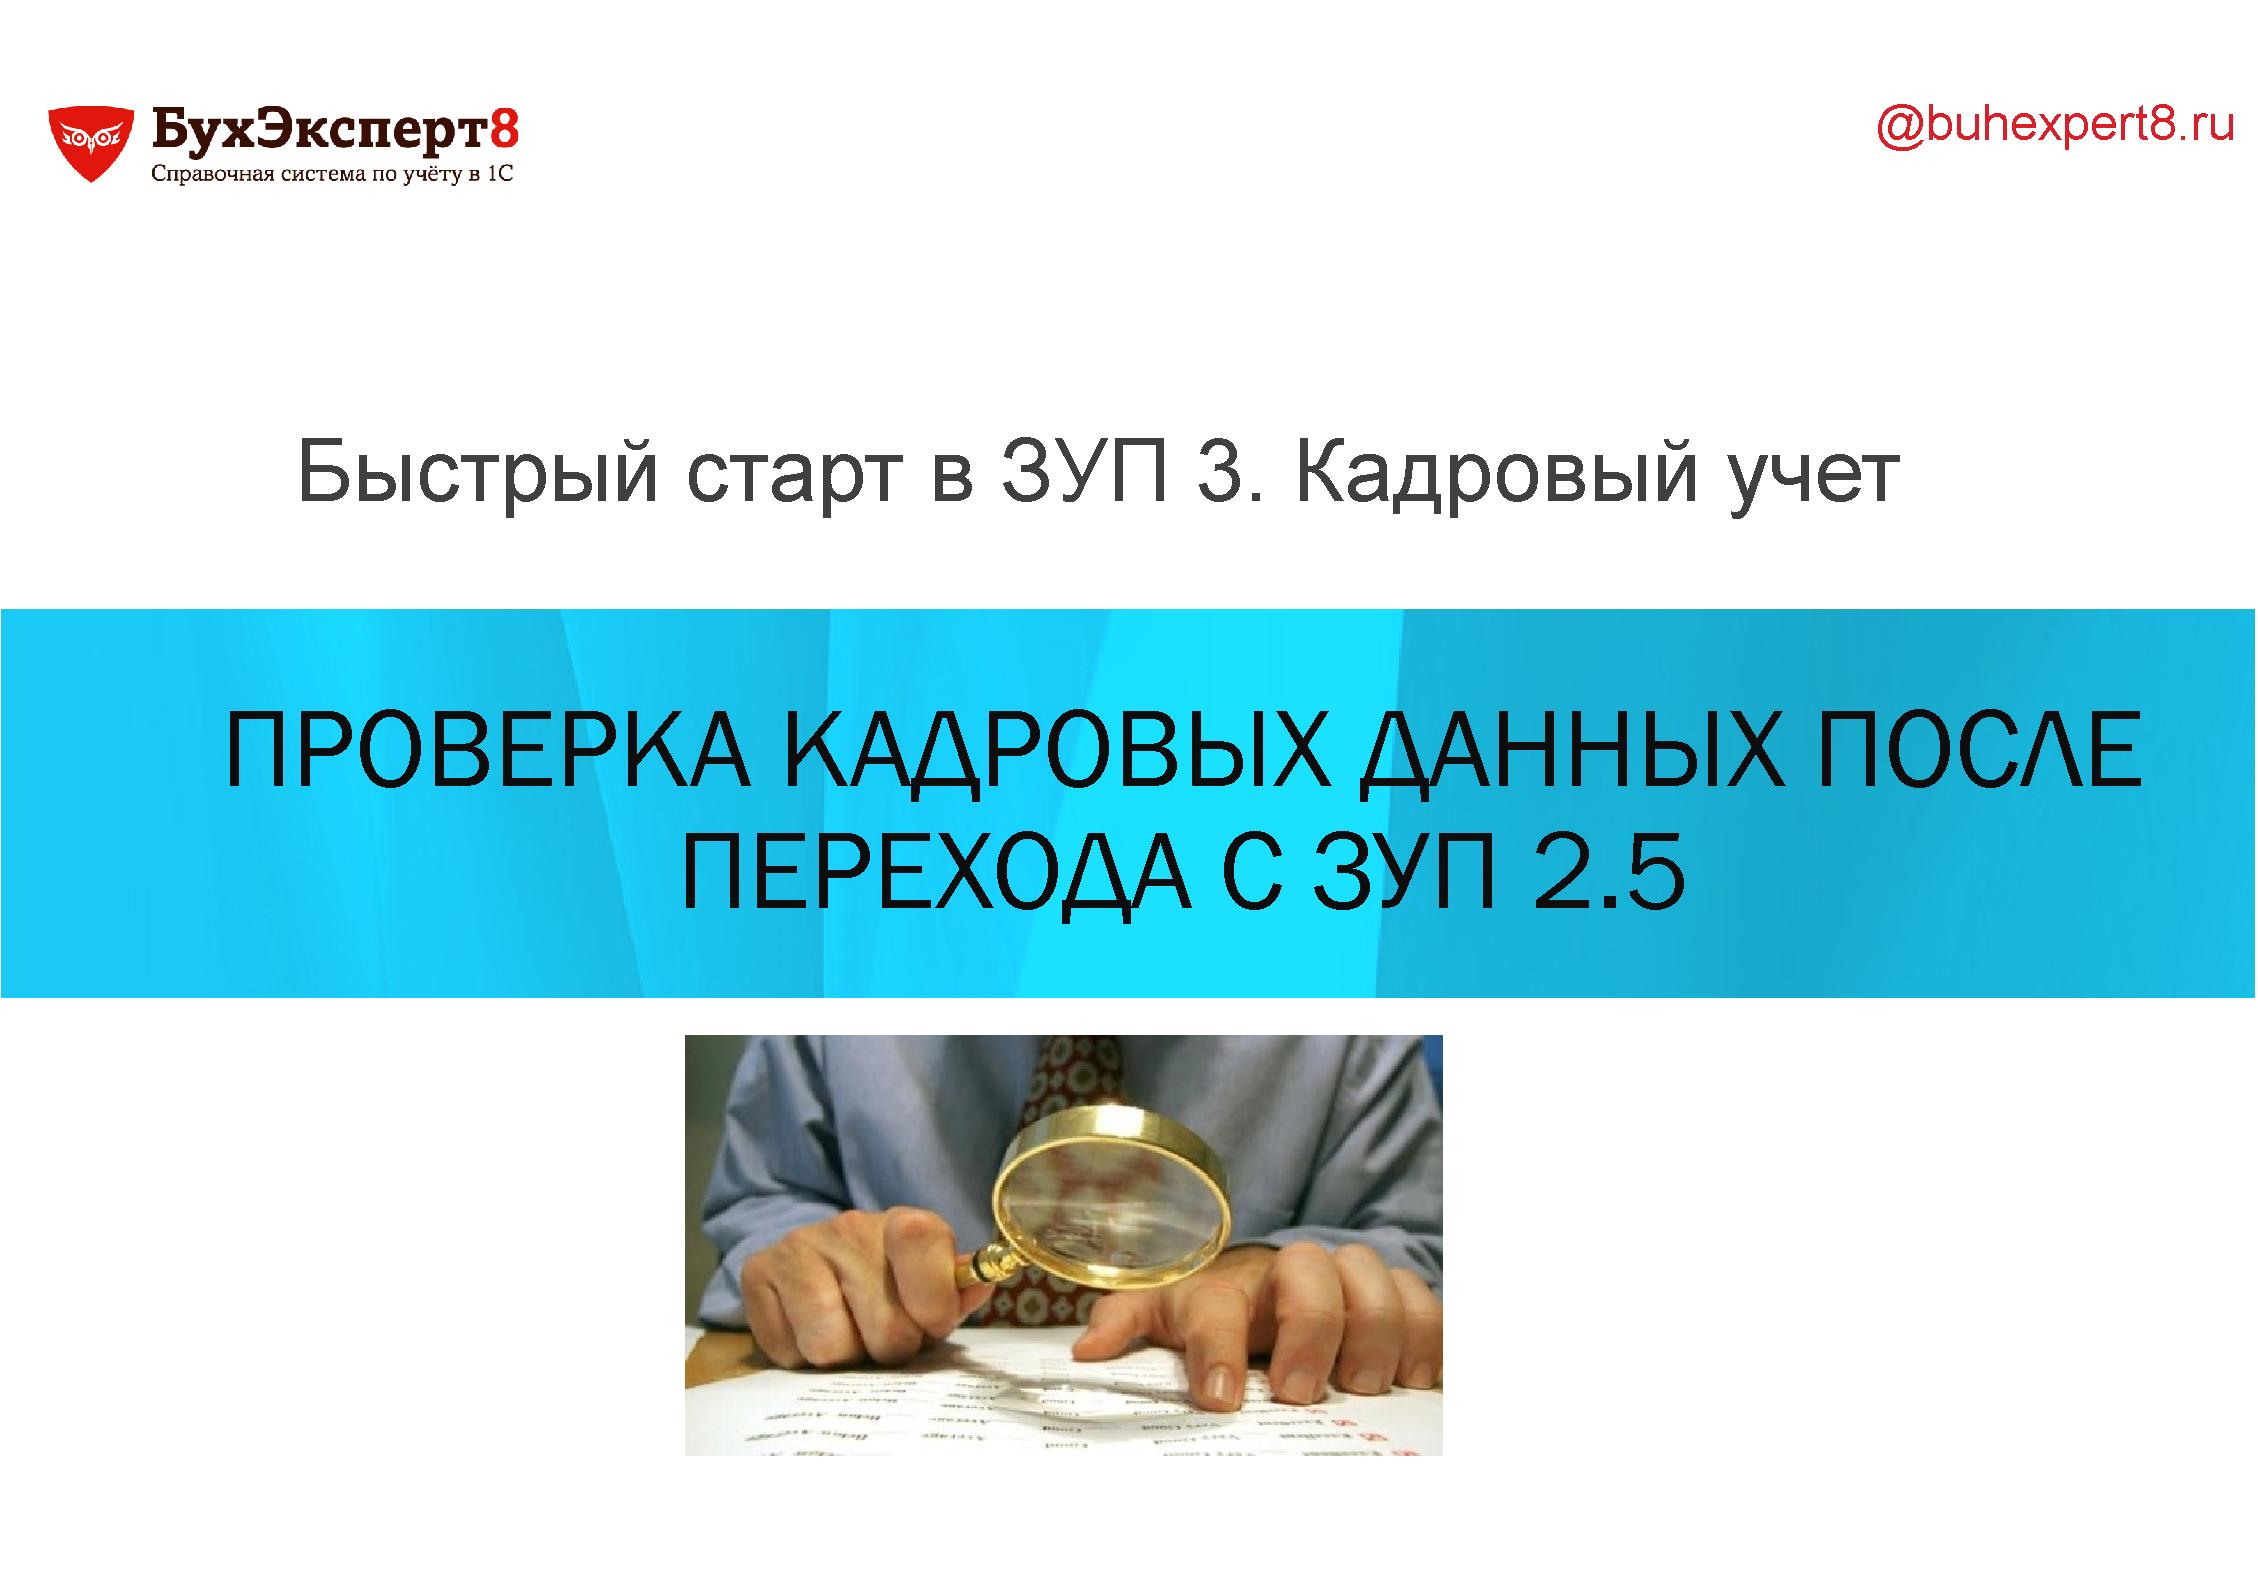 Быстрый старт в ЗУП 3. Кадровый учет Проверка кадровых данных после перехода с зуп 2.5